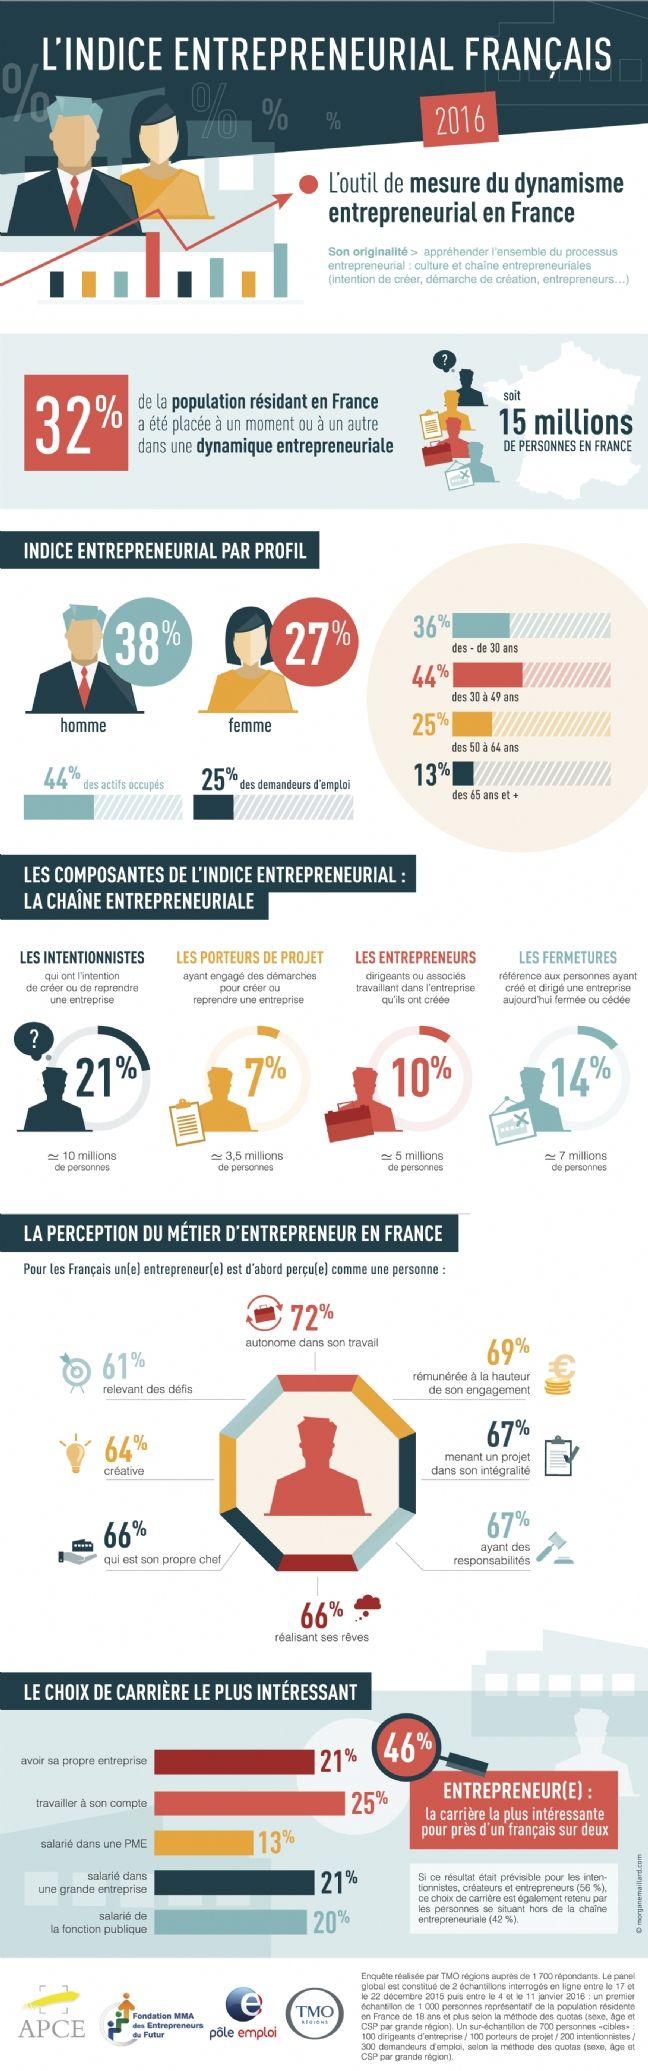 #FRANCE #SWD #GREEN2STAYEntreprendre, la carrière la plus intéressante pour les Français